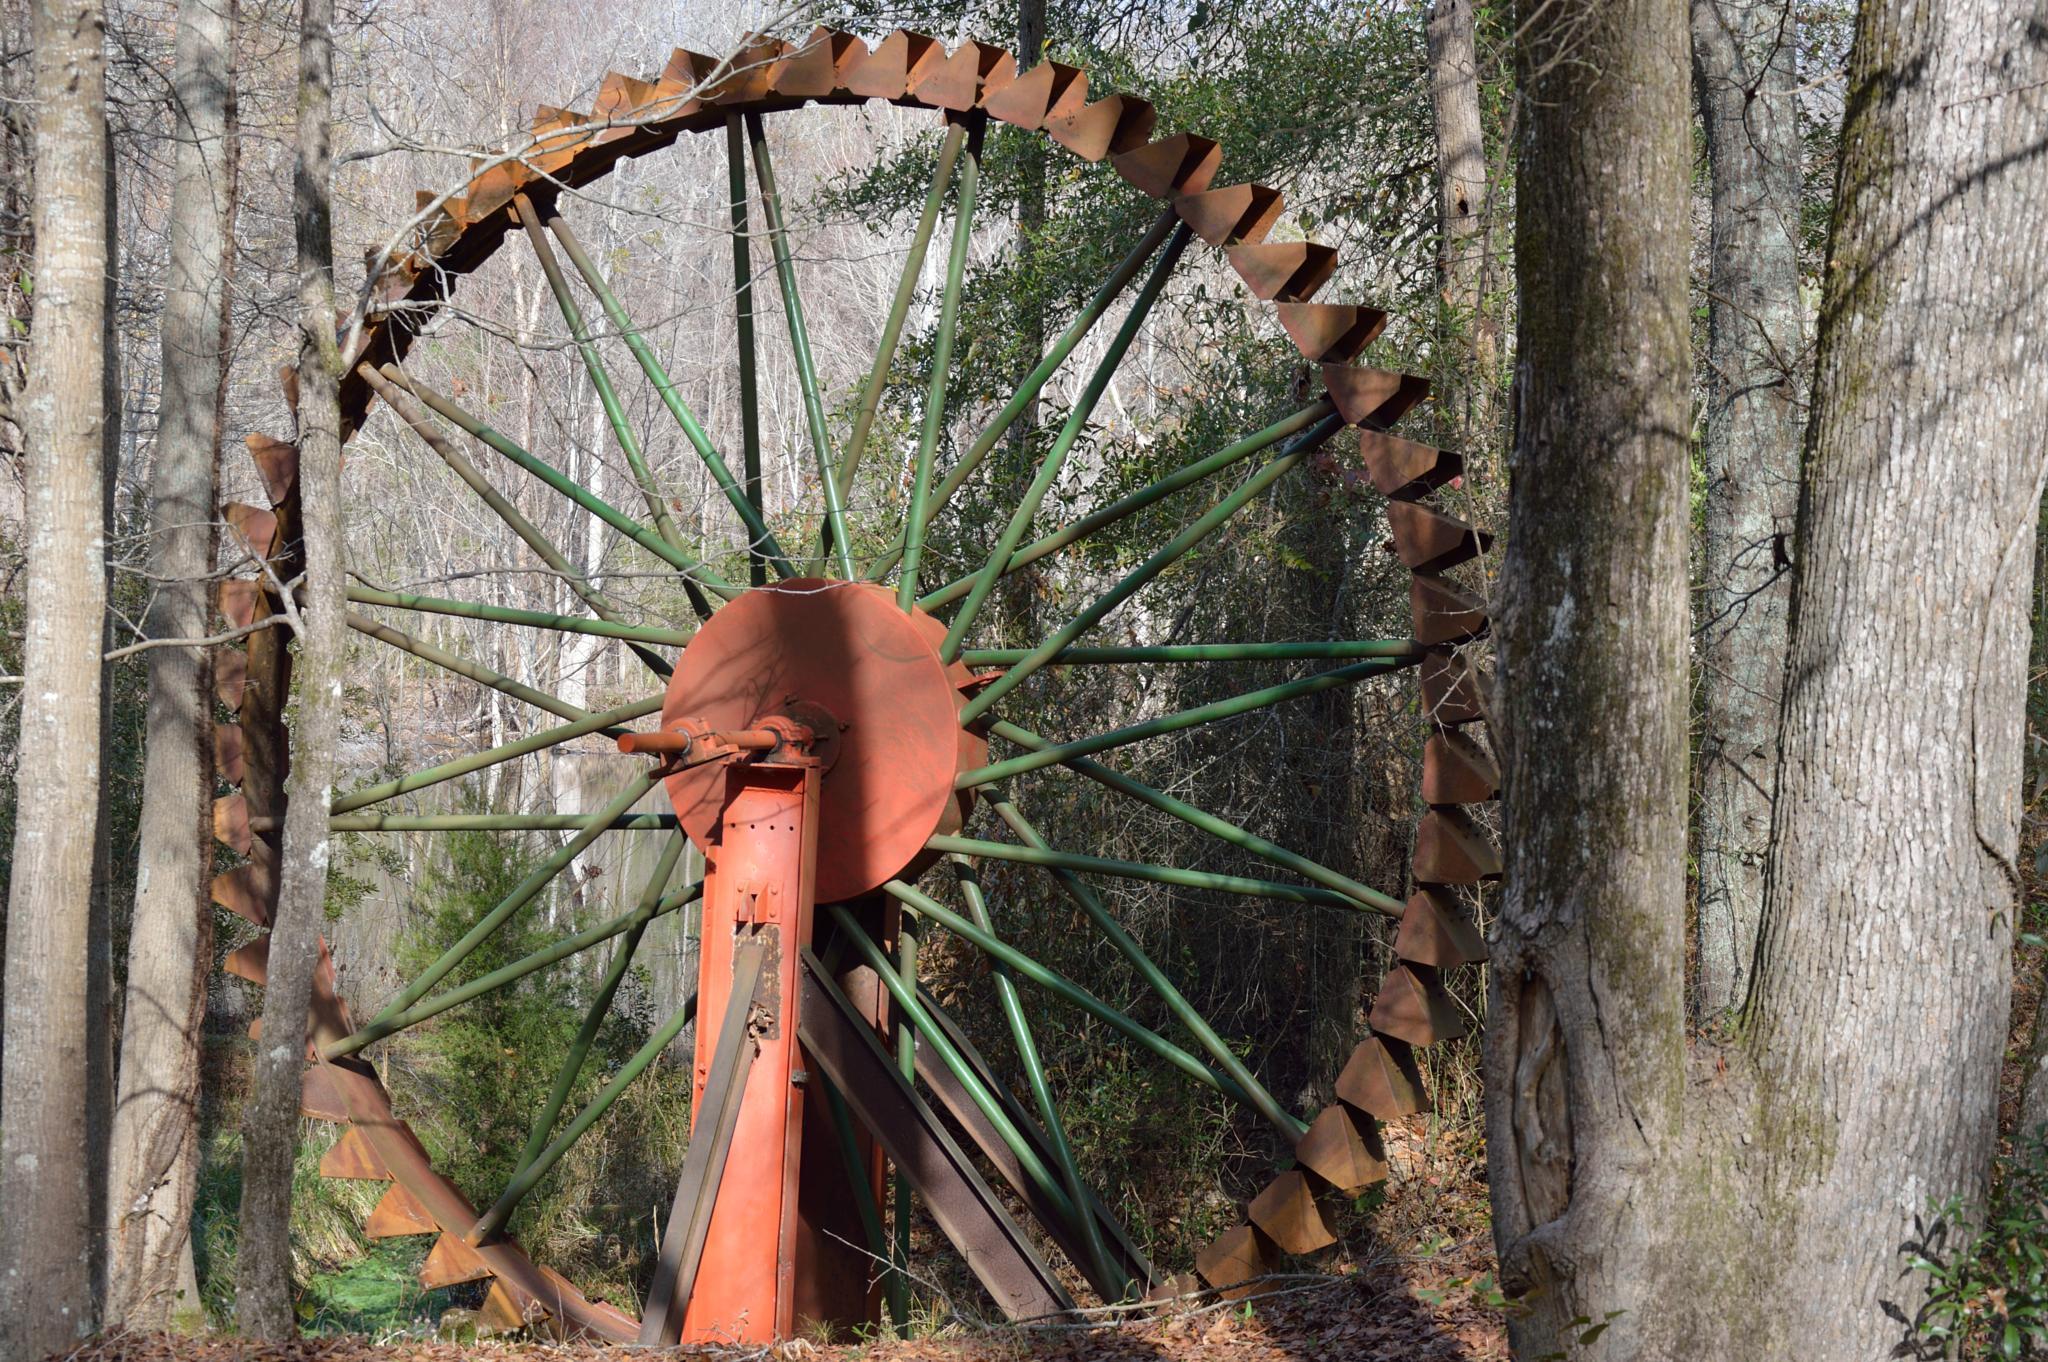 Water Wheel by Deanna Bishop